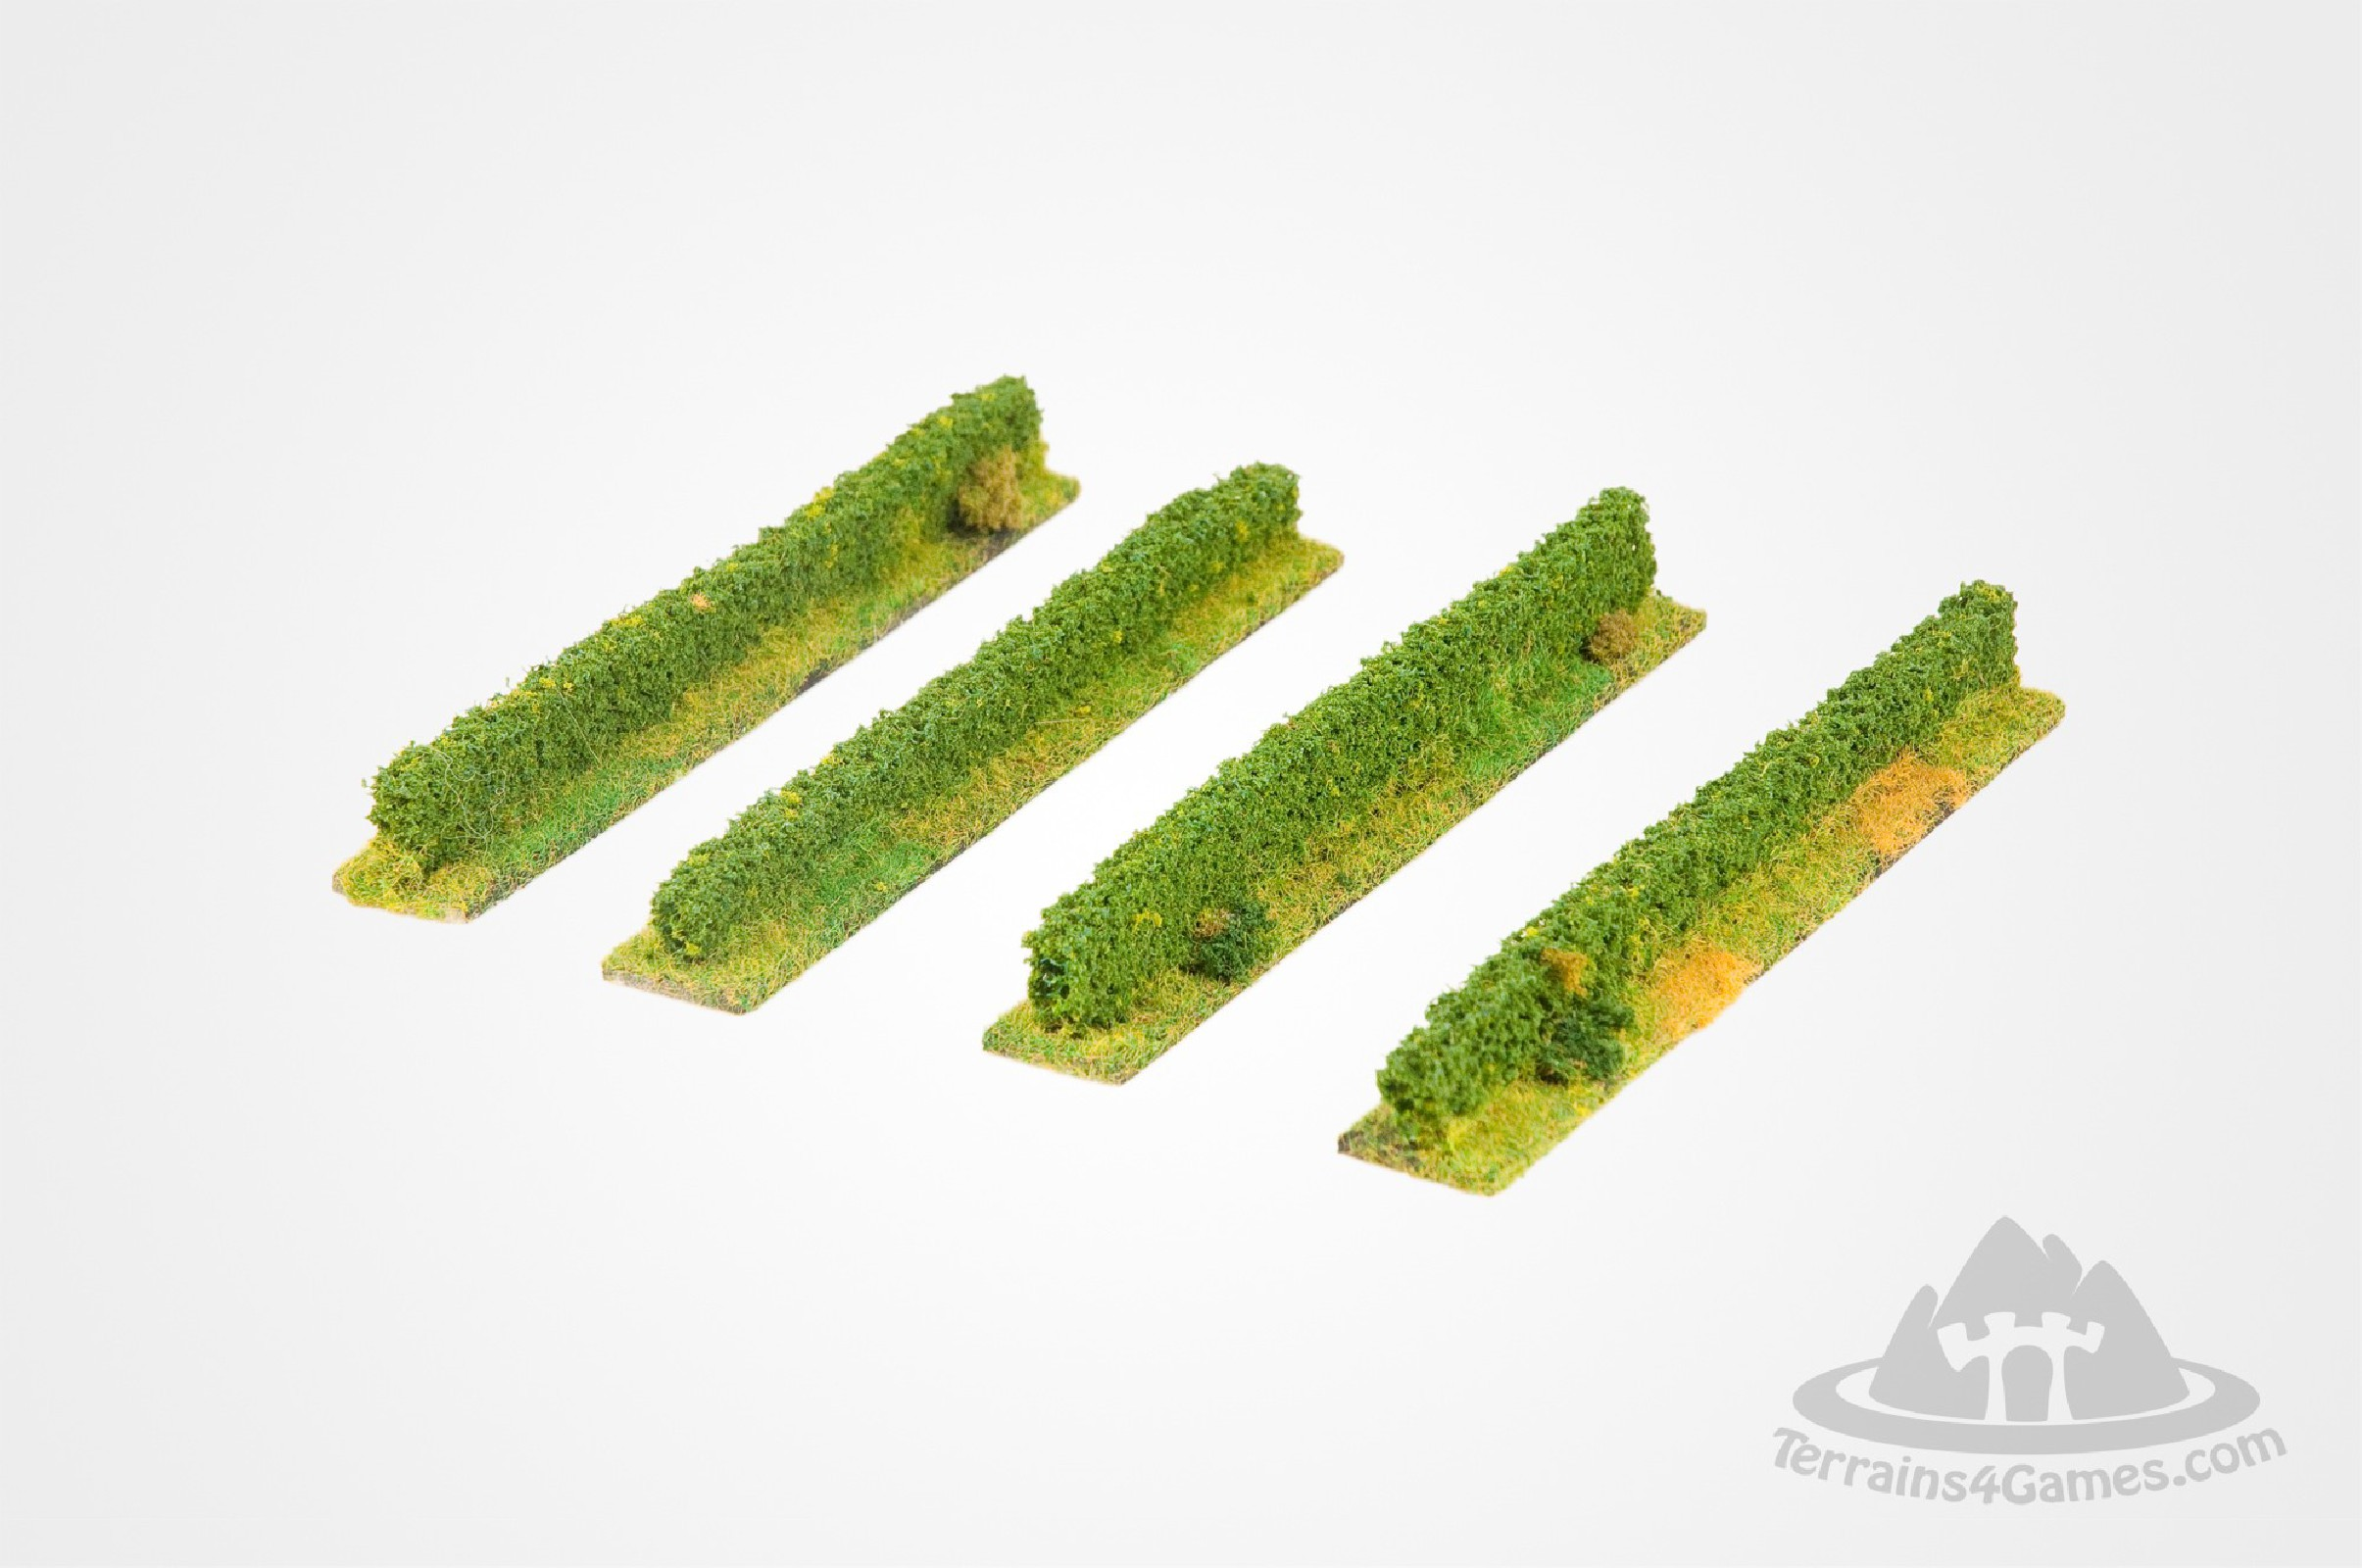 Regular Hedges